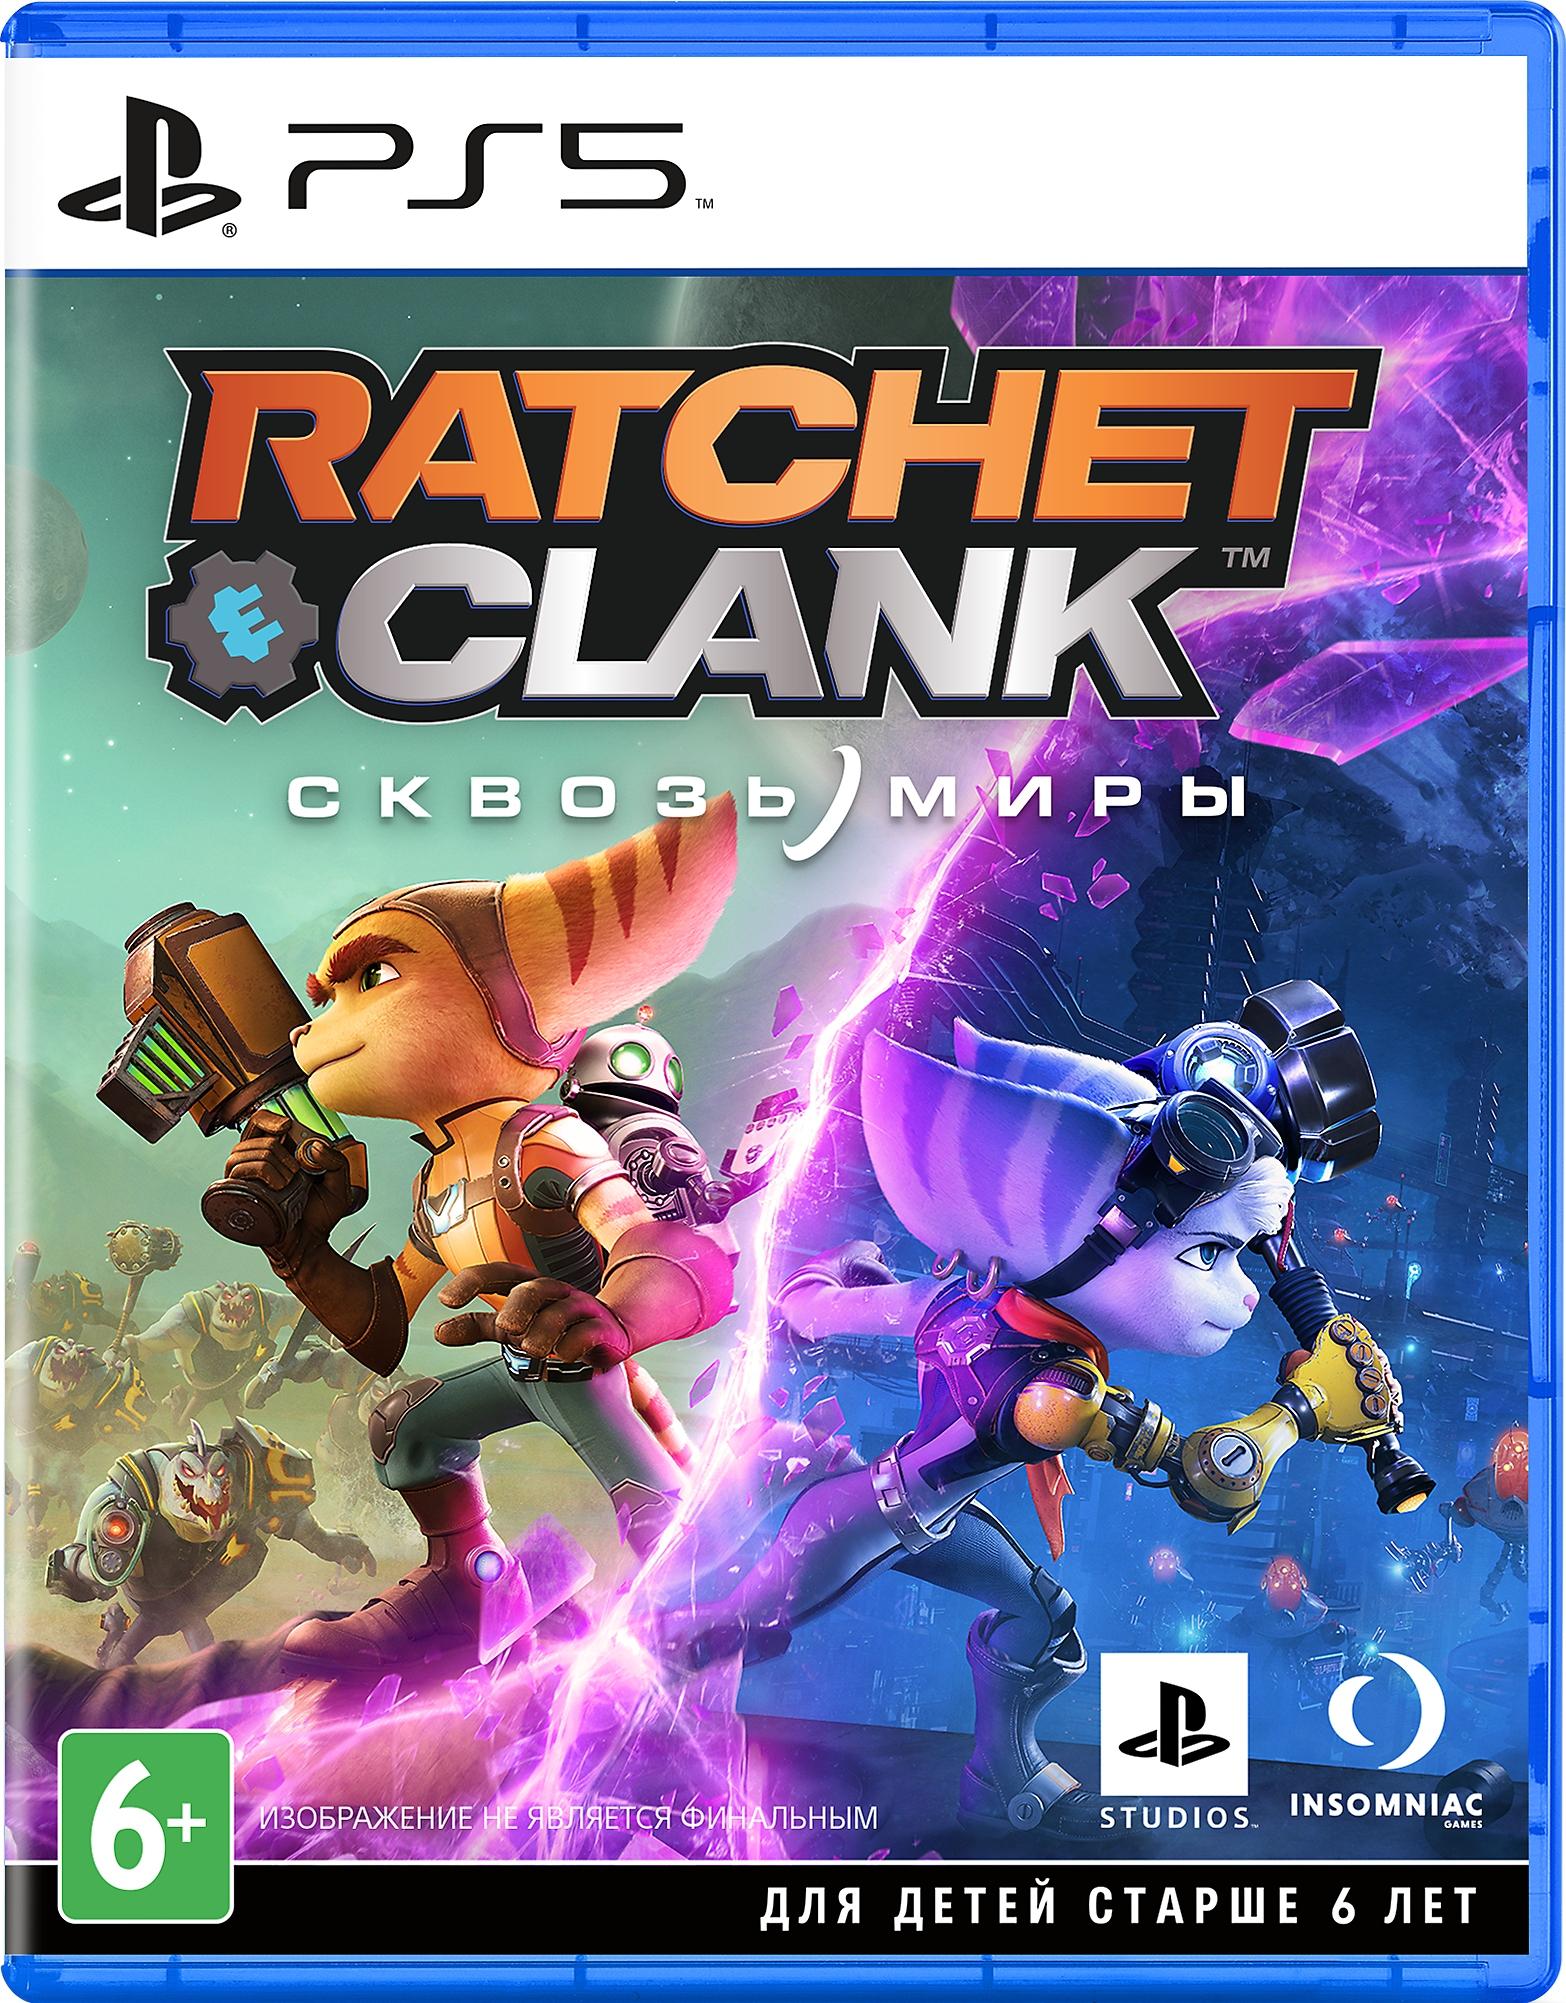 Ratchet & Clank: Сквозь миры